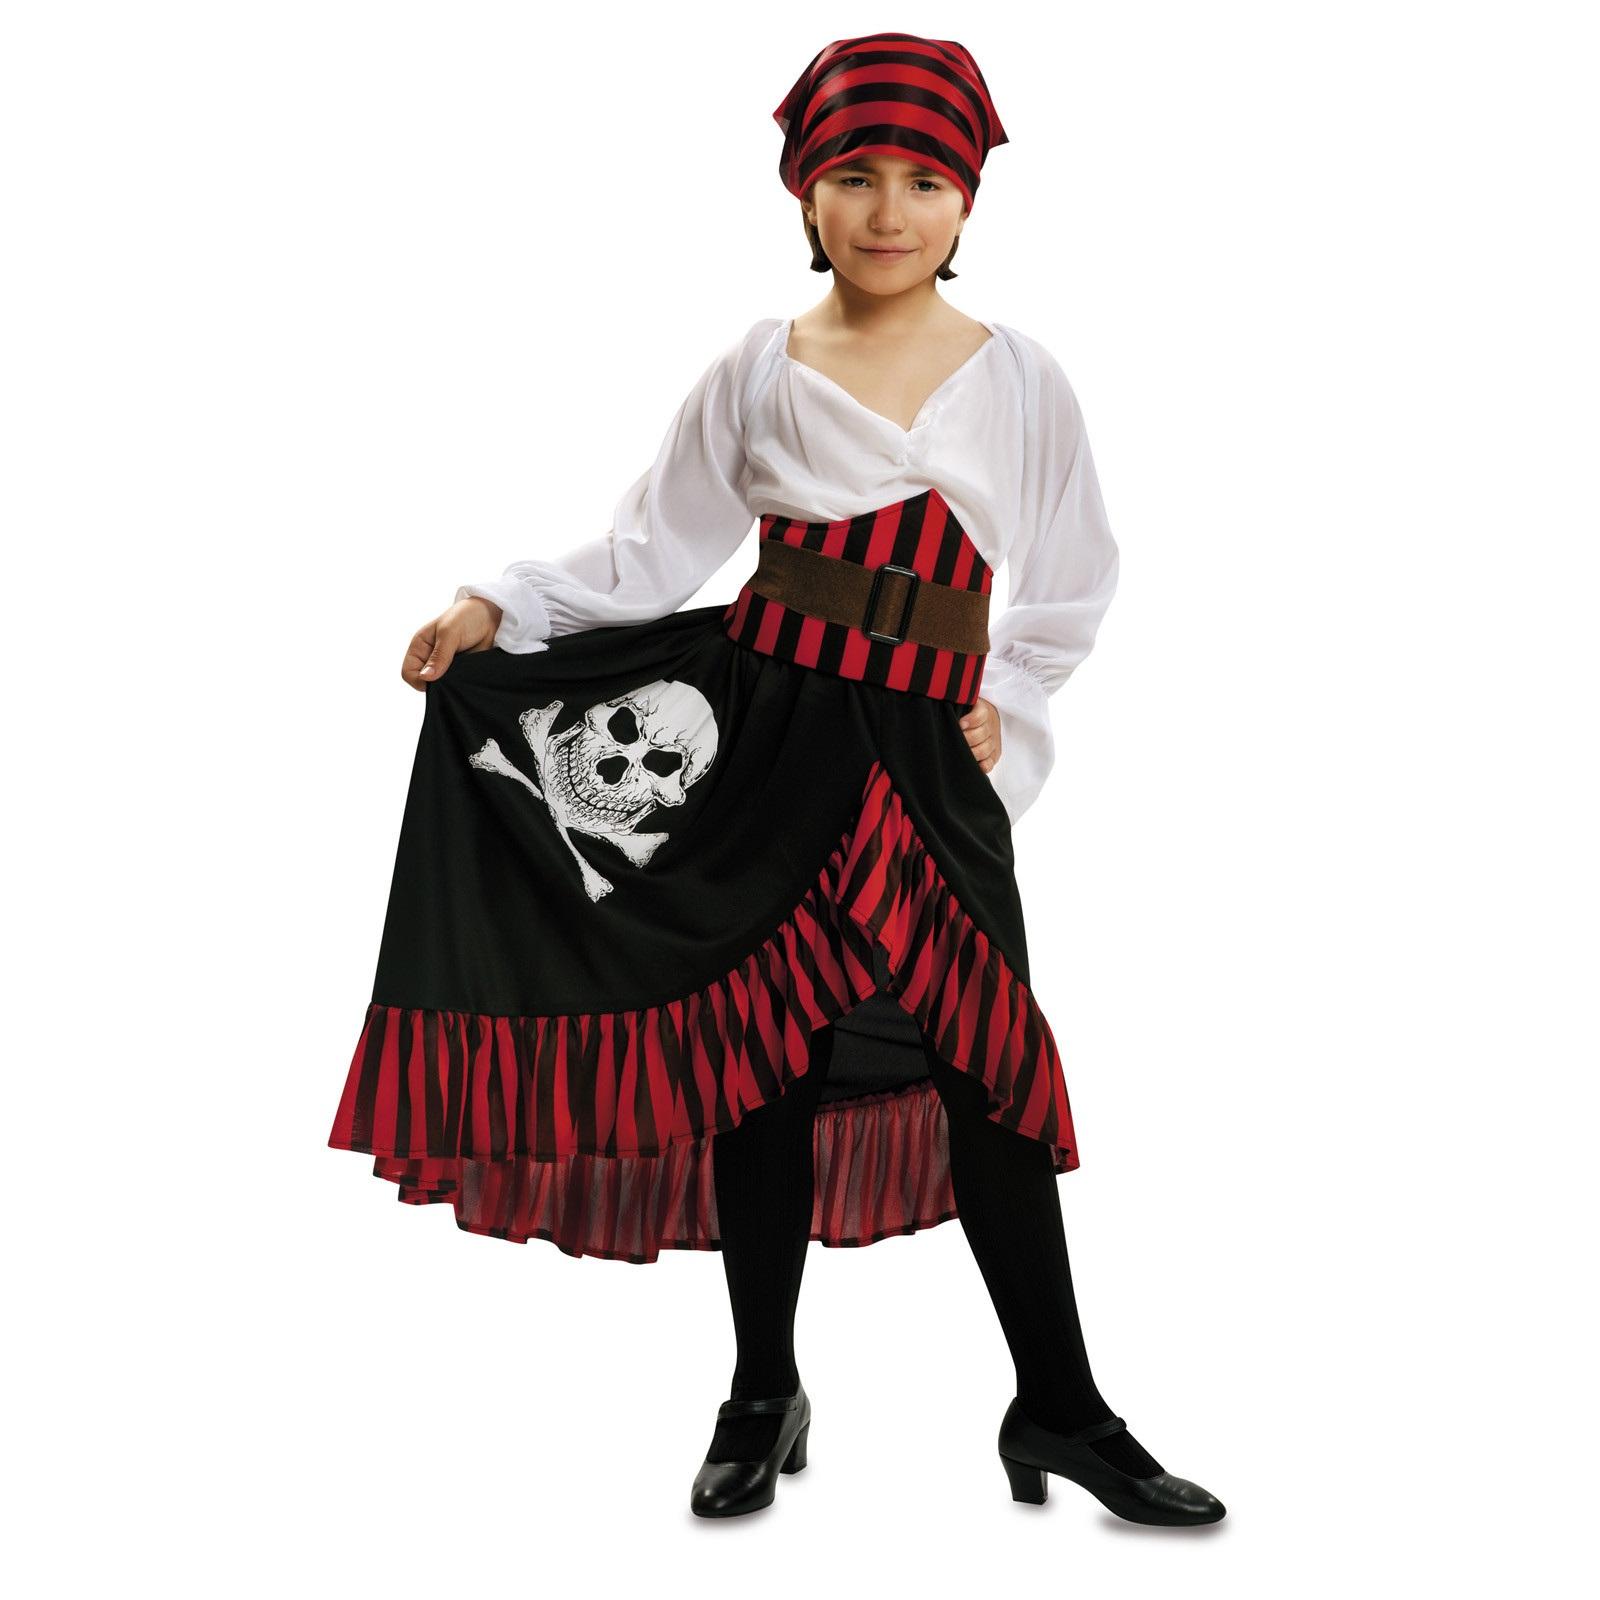 disfraz pirata bandana bebé 200584mom - DISFRAZ DE PIRATA BANDANA BEBE NIÑA